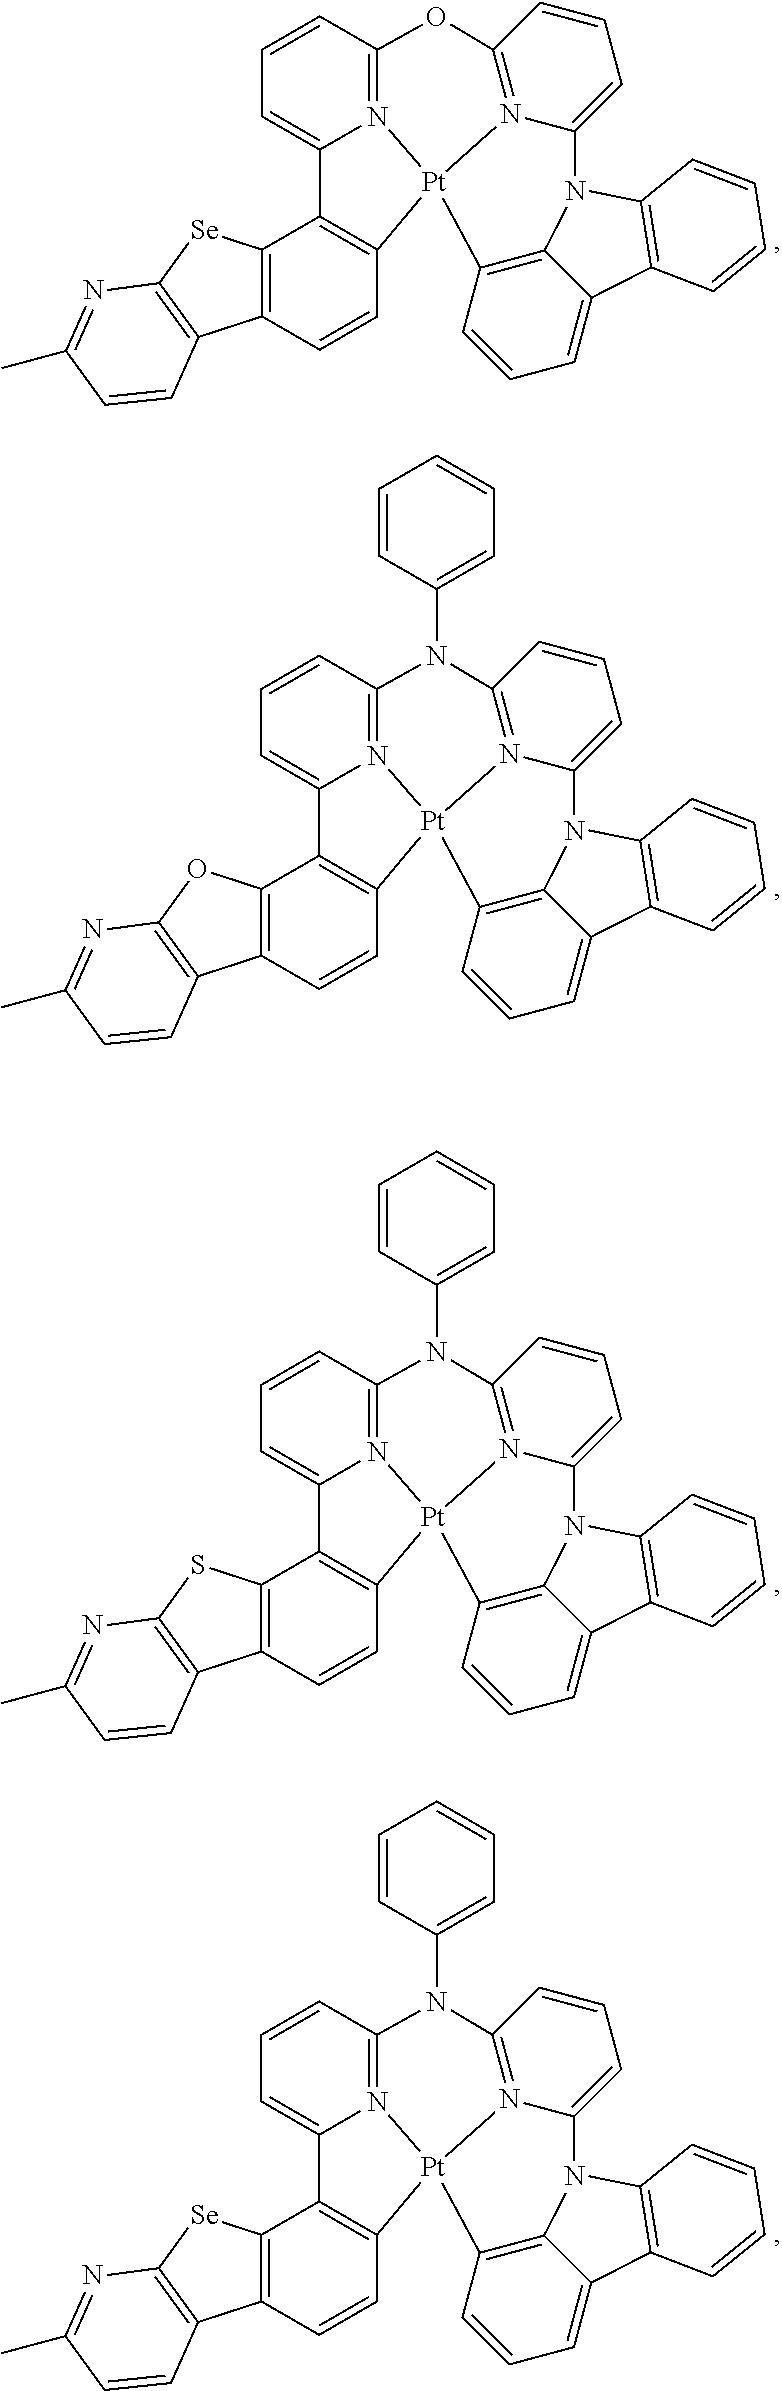 Figure US09871214-20180116-C00296